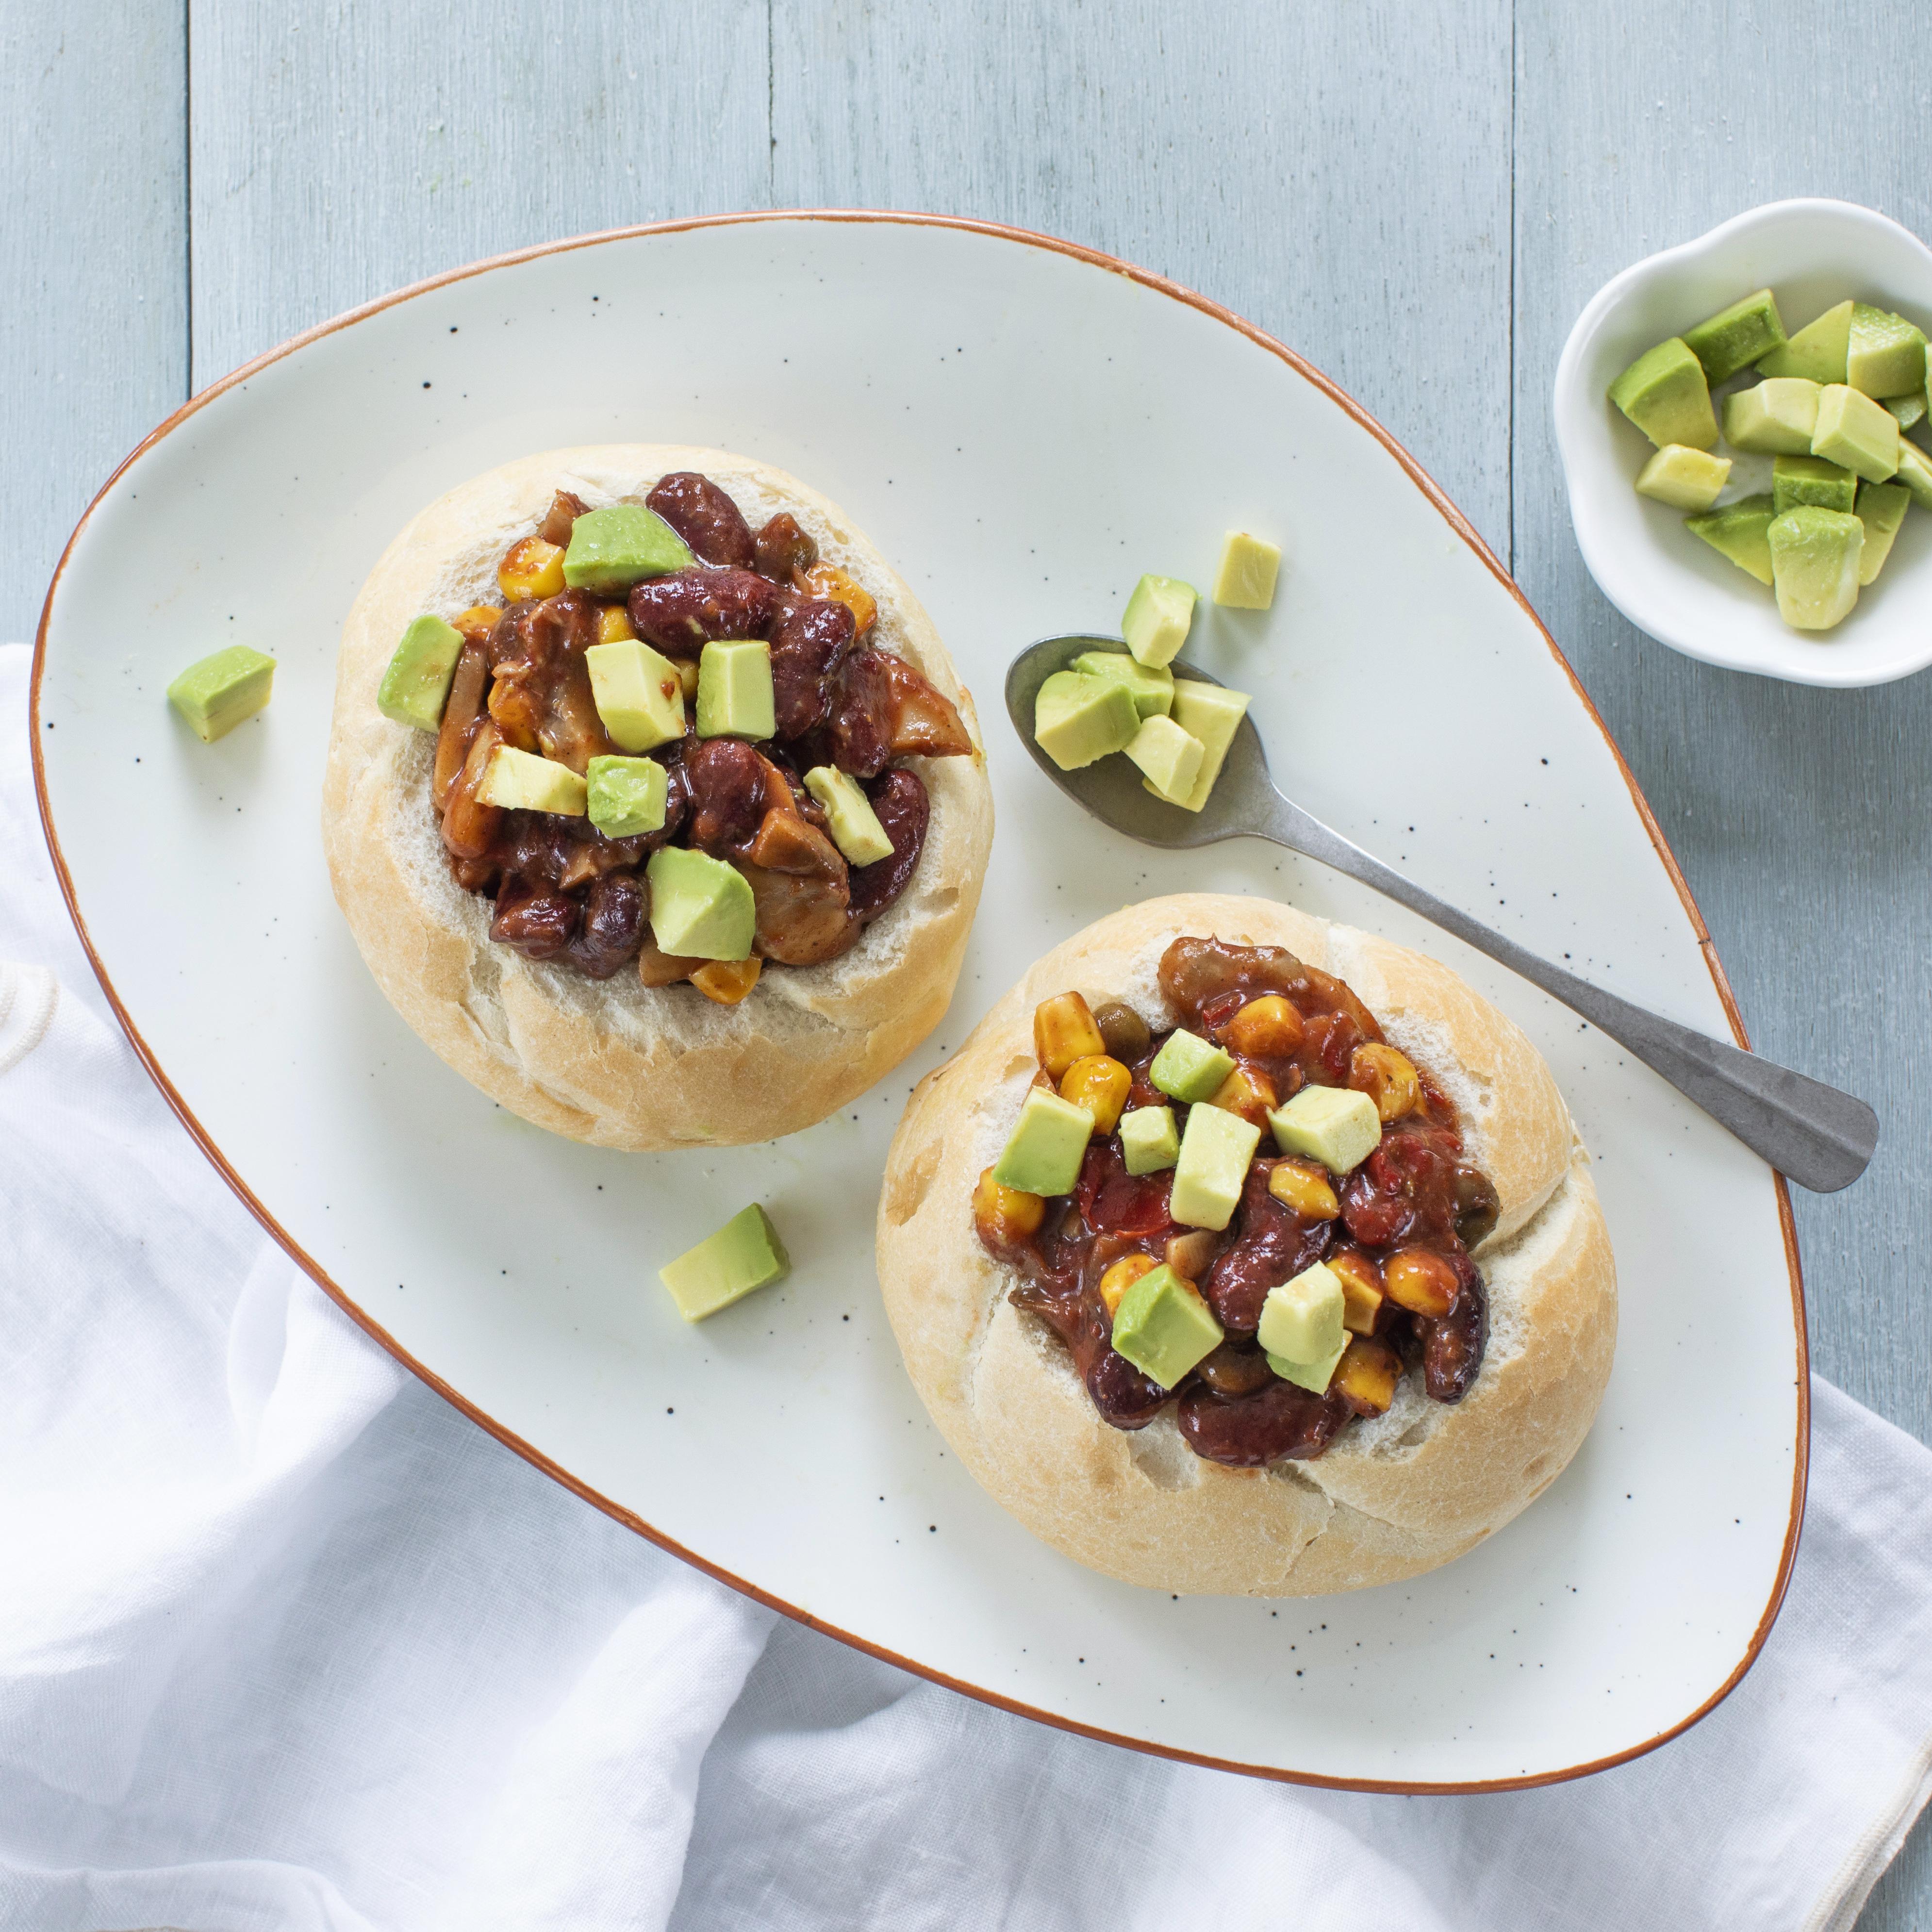 HAK 1 portie kidneybonen chili schotel Gevulde broodjes met chilischotel en mais 3 zonder product